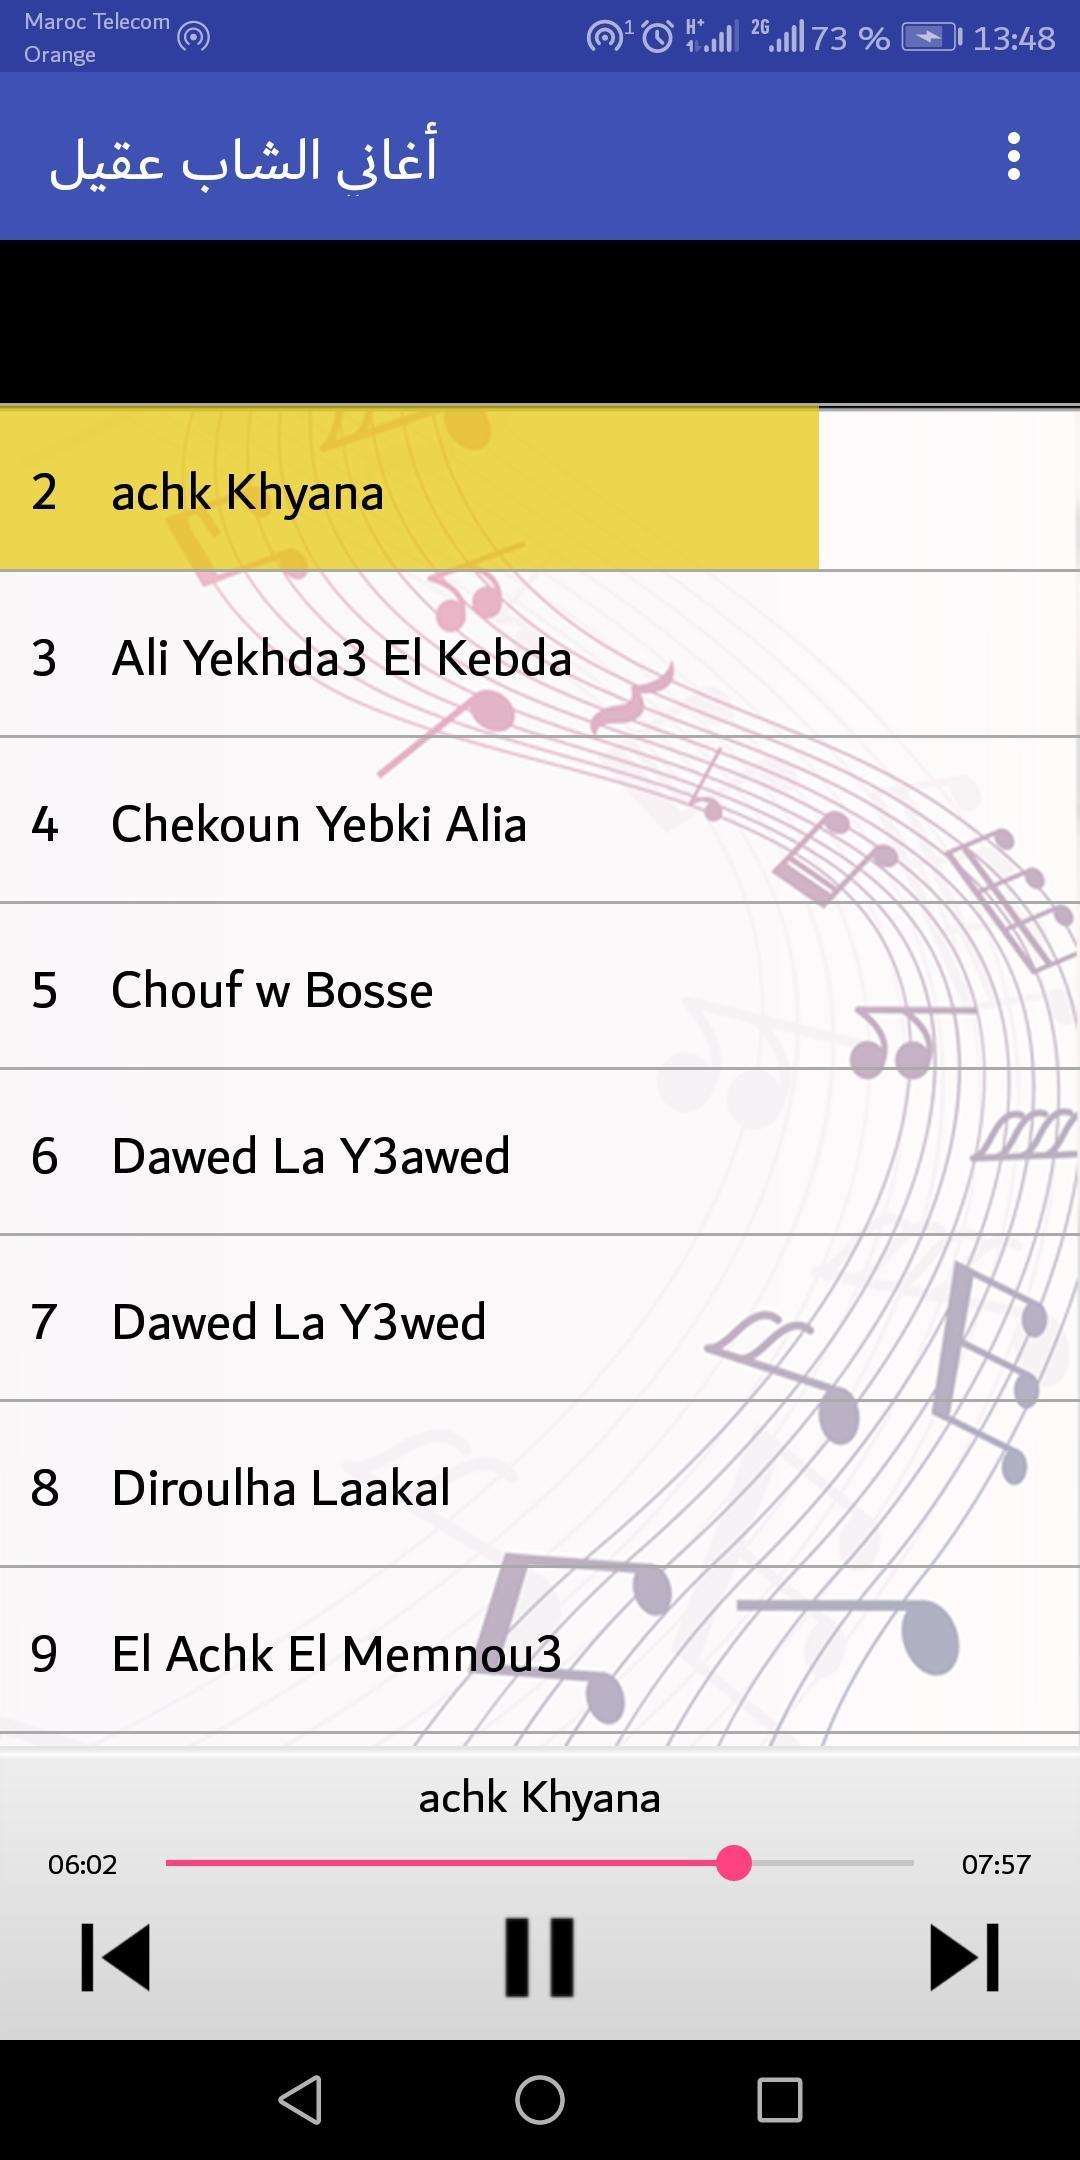 GRATUIT CHEB TÉLÉCHARGER MUSIC LA3KAL MP3 AKIL DIROULHA